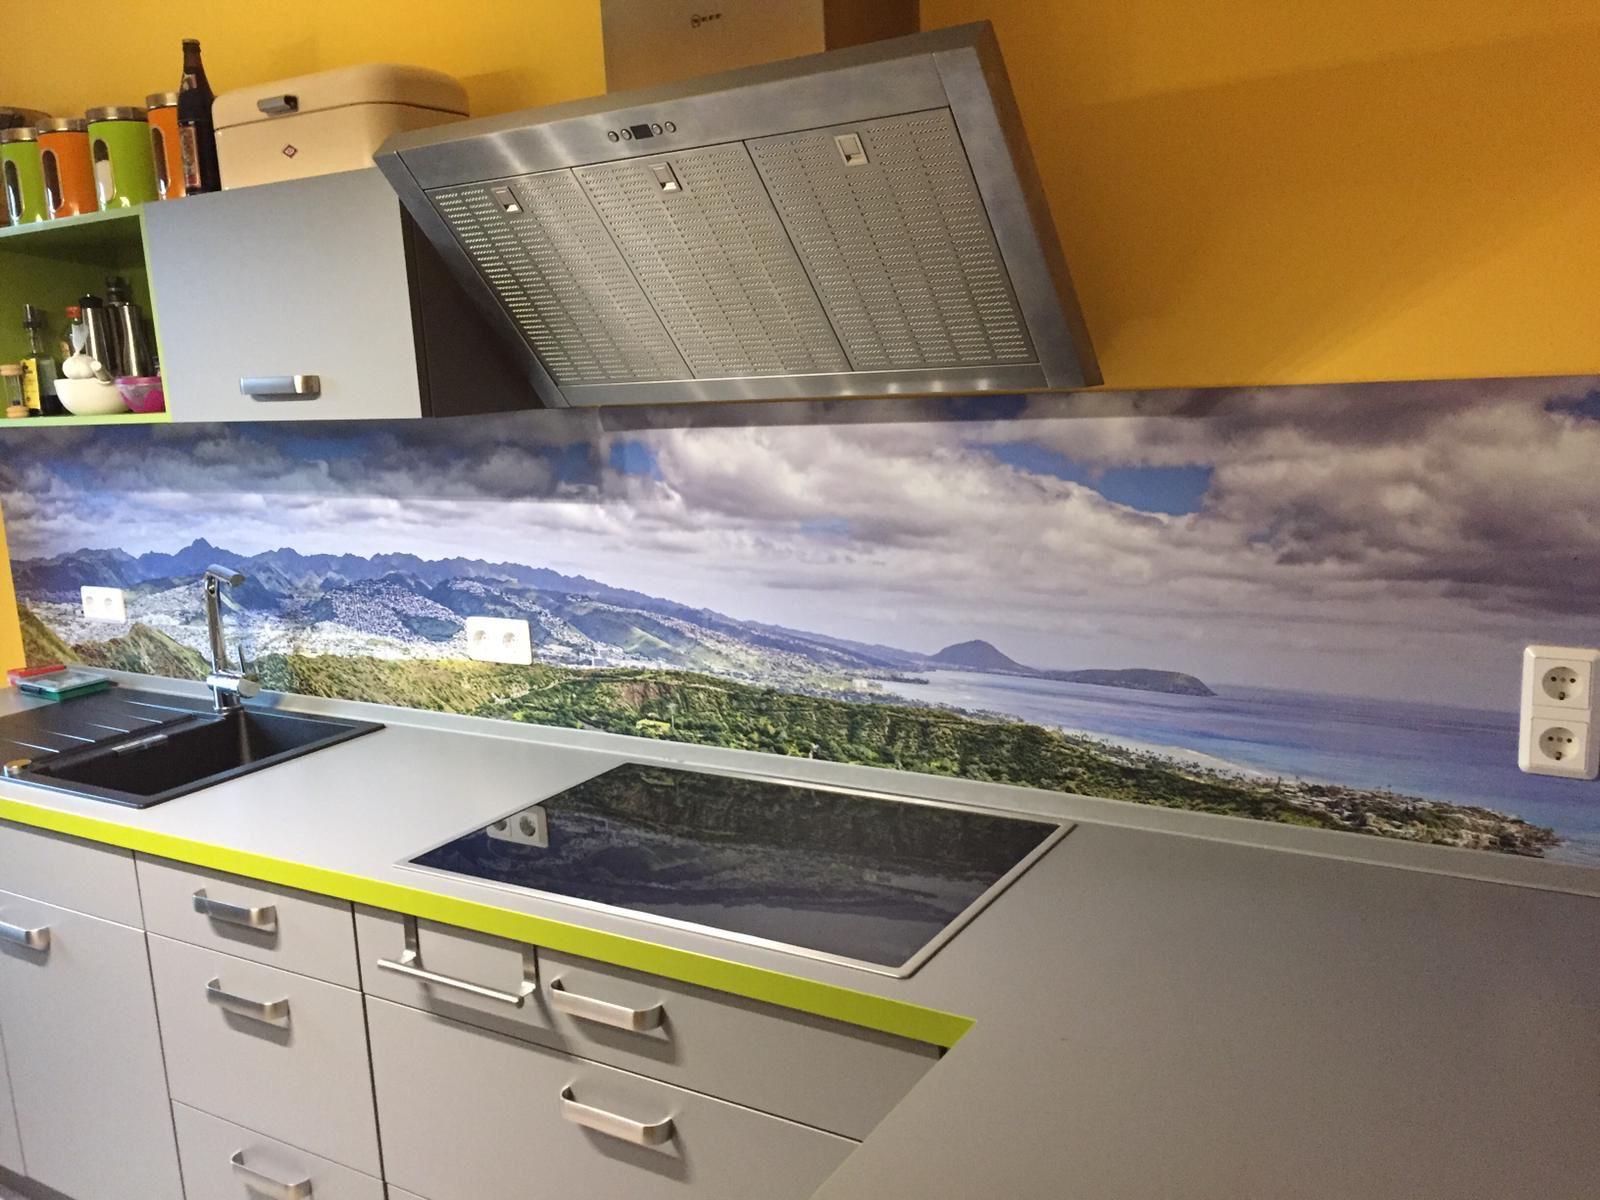 Materialmuster Bestellen Von Alu Plexiglas Oder Tapete Fliesenspiegel Spritzschutz Ruckwand